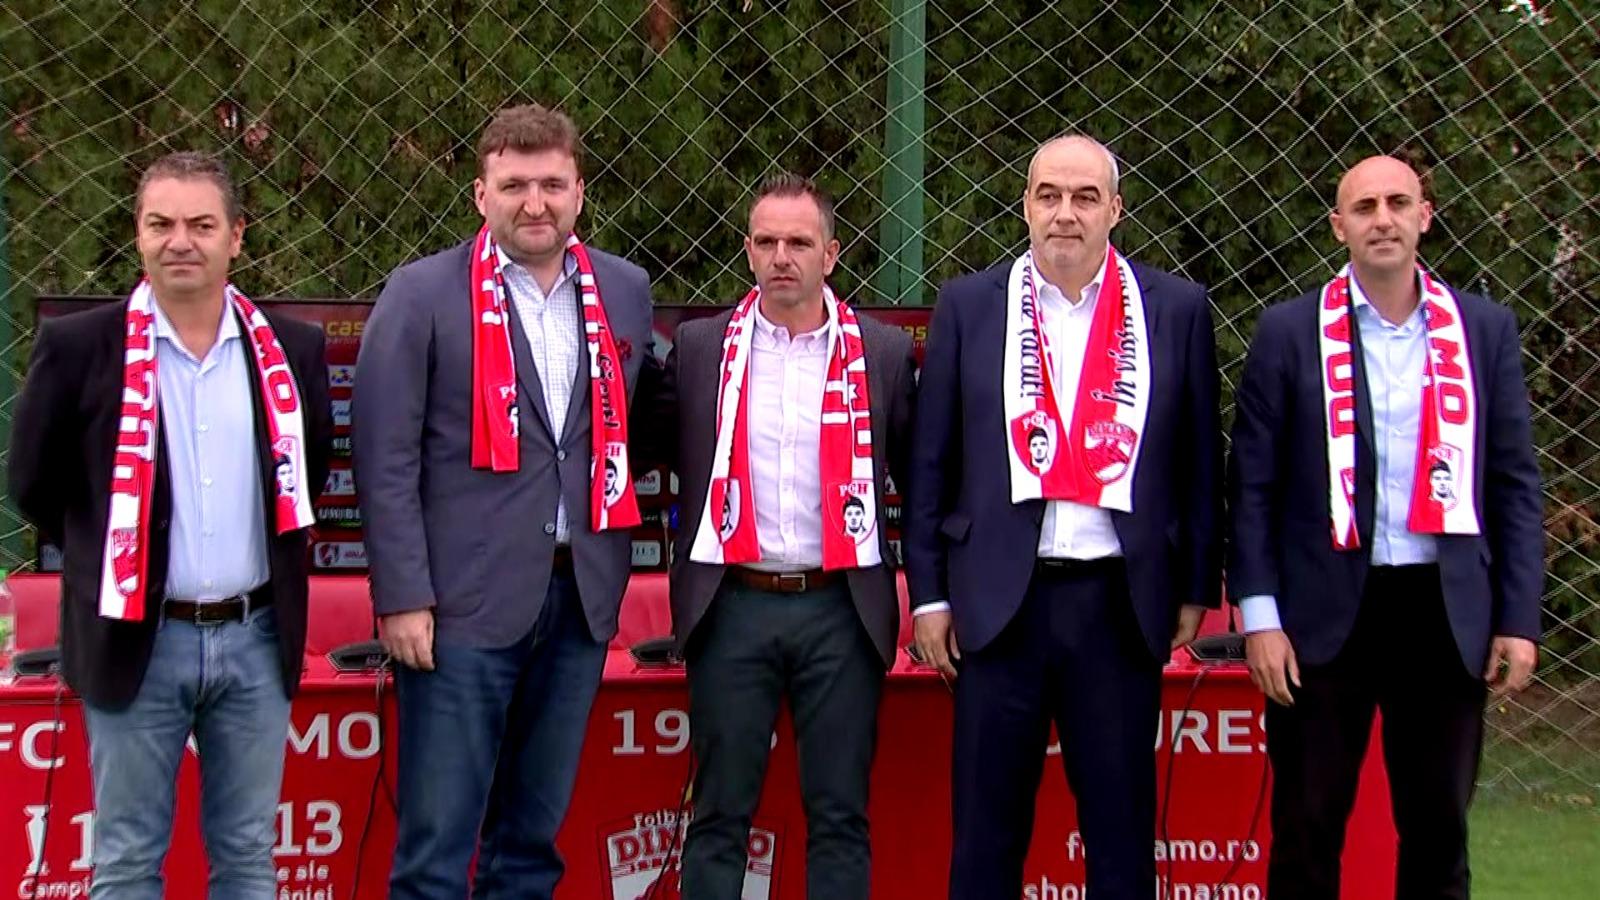 Spaniolii de la Dinamo în timpul unei conferințe de presă